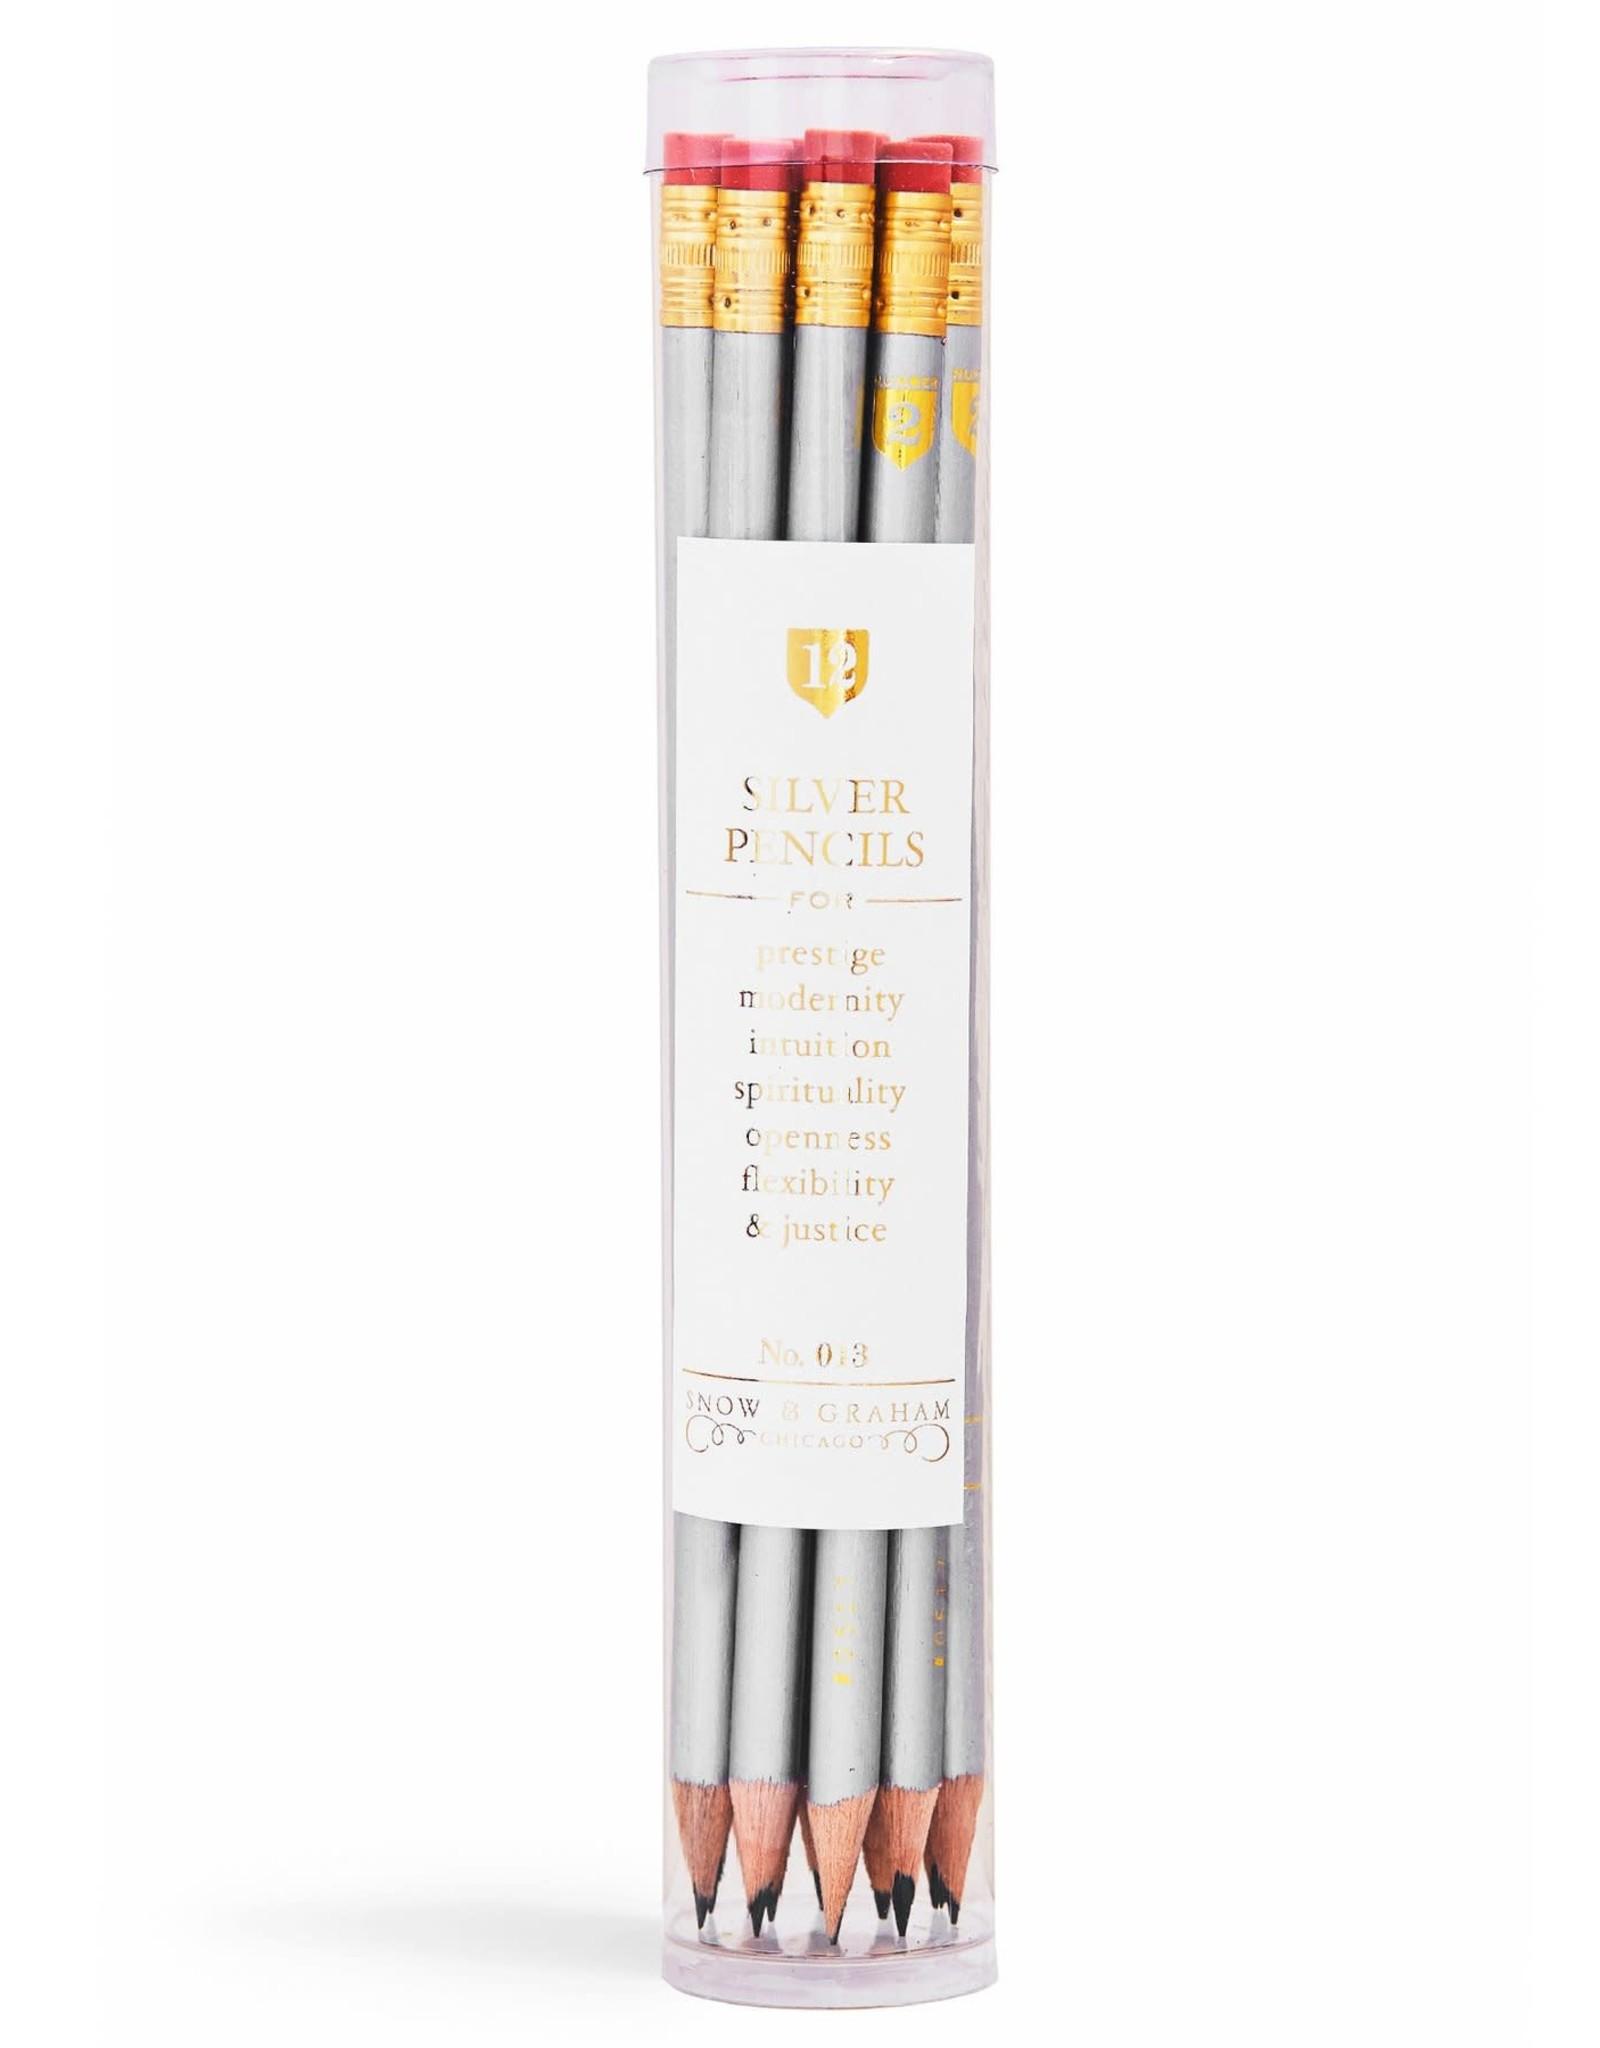 Snow & Graham Snow & Graham Pencil Set 12 pcs